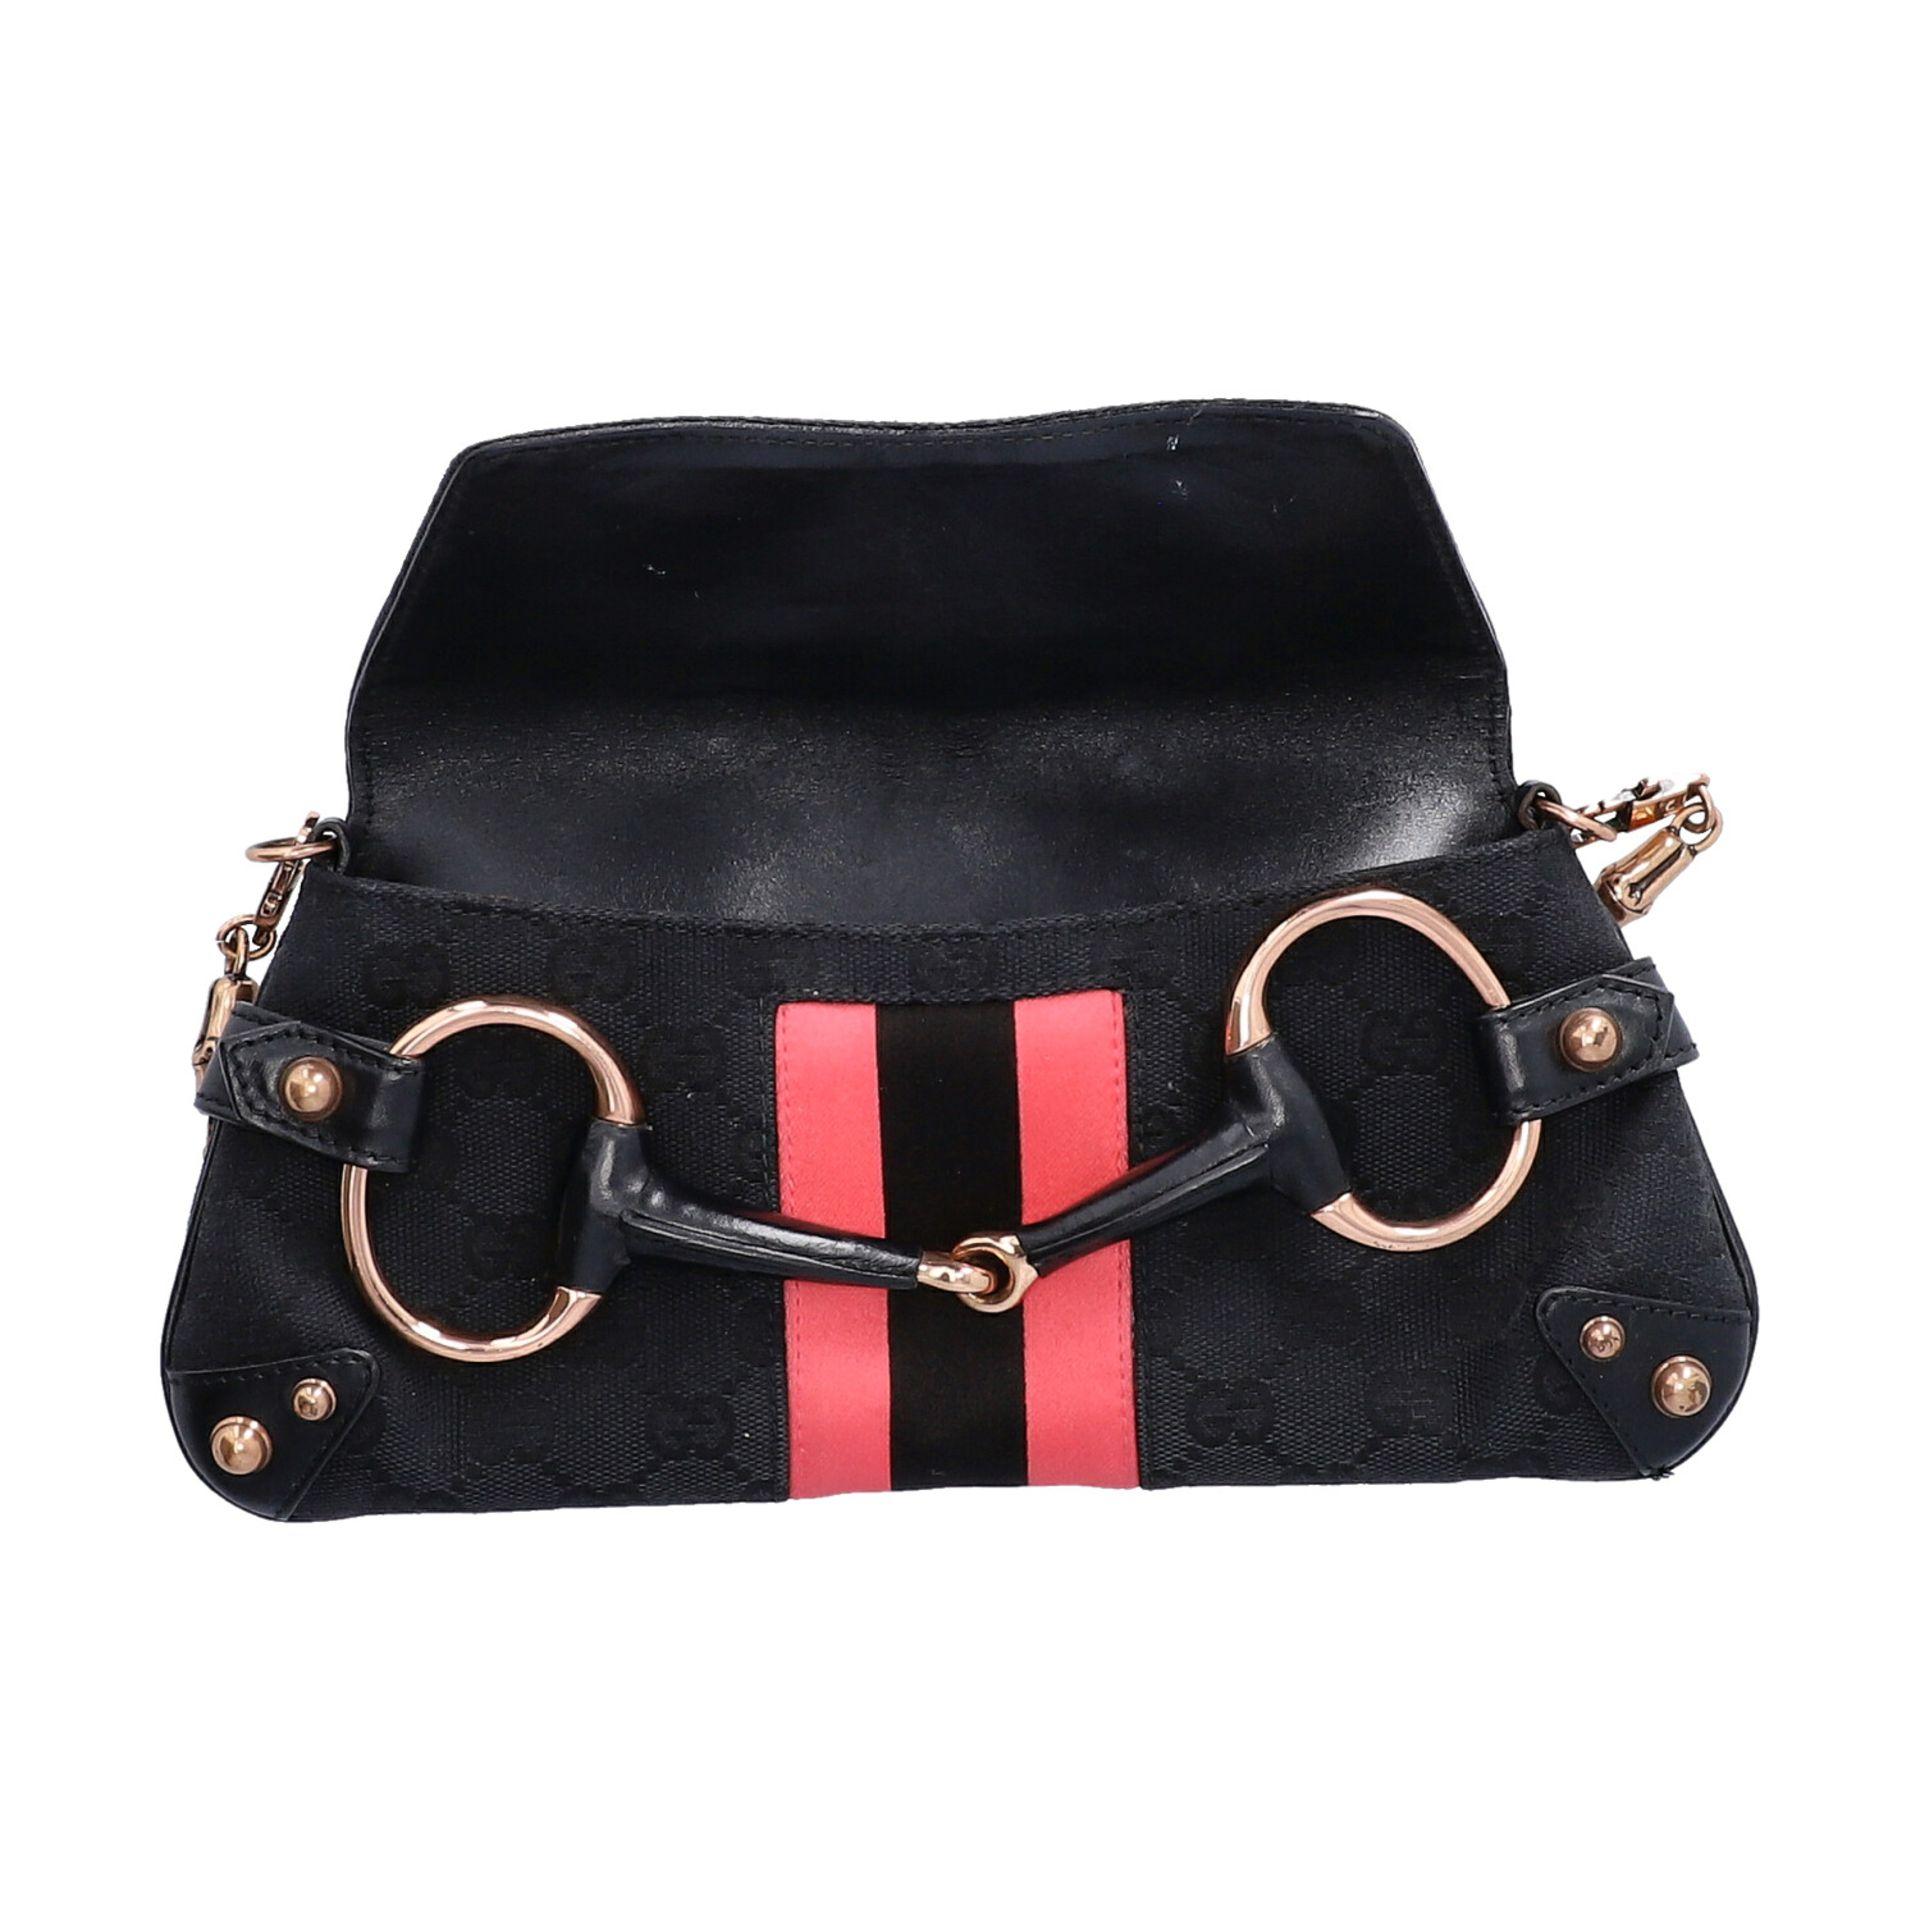 GUCCI Pochette. Guccissima Webmuster in Schwarz mit rosafarbenen Streifen und roségol - Image 6 of 8